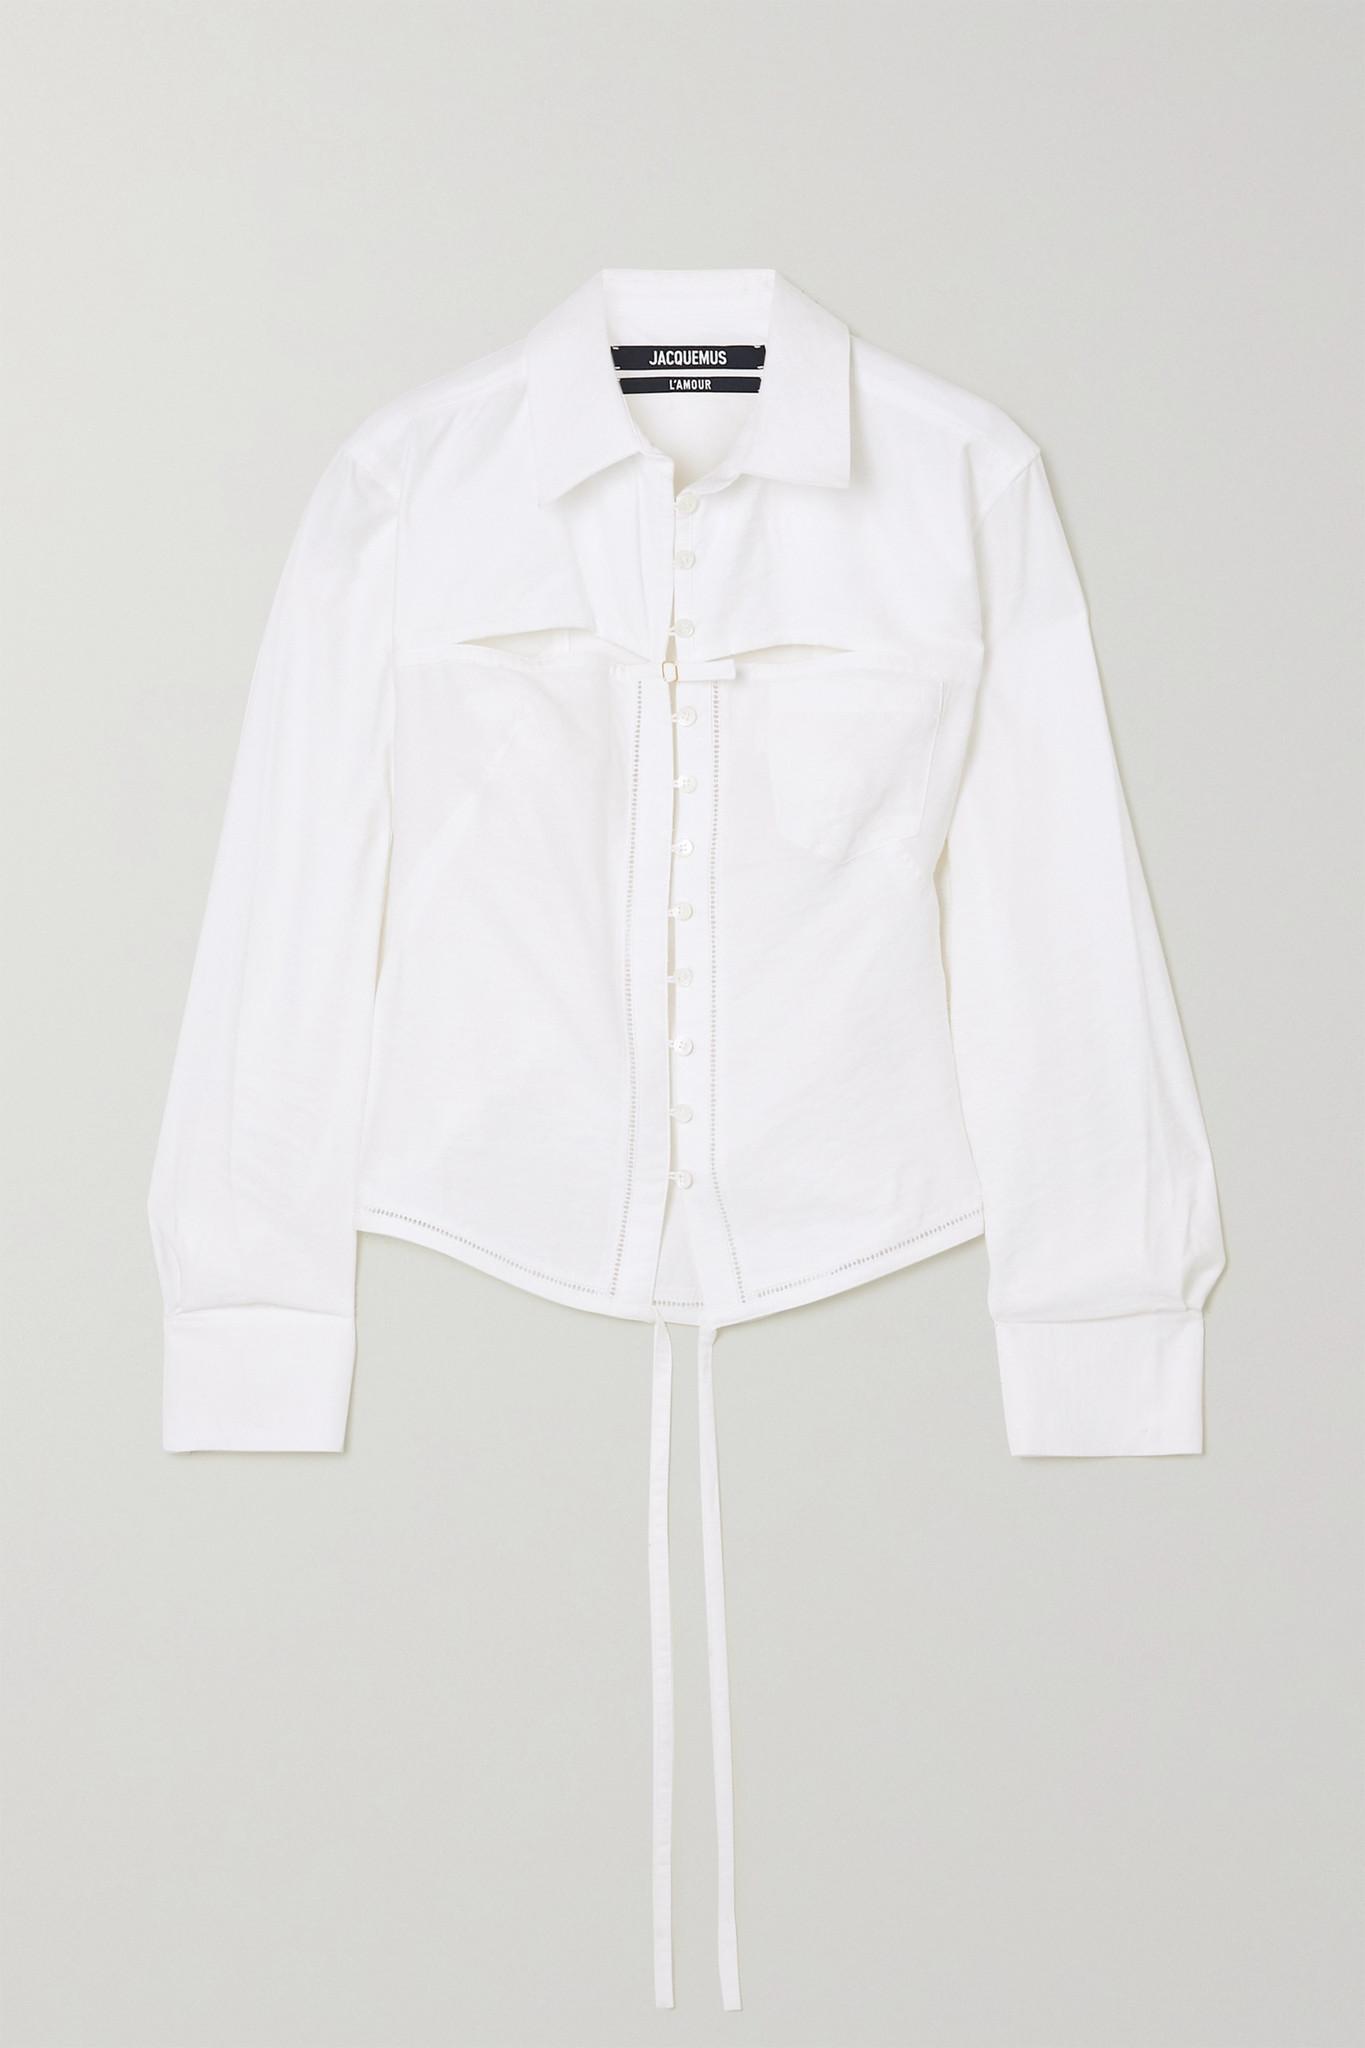 JACQUEMUS - Nappe 系带细节挖剪梭织衬衫 - 白色 - FR36